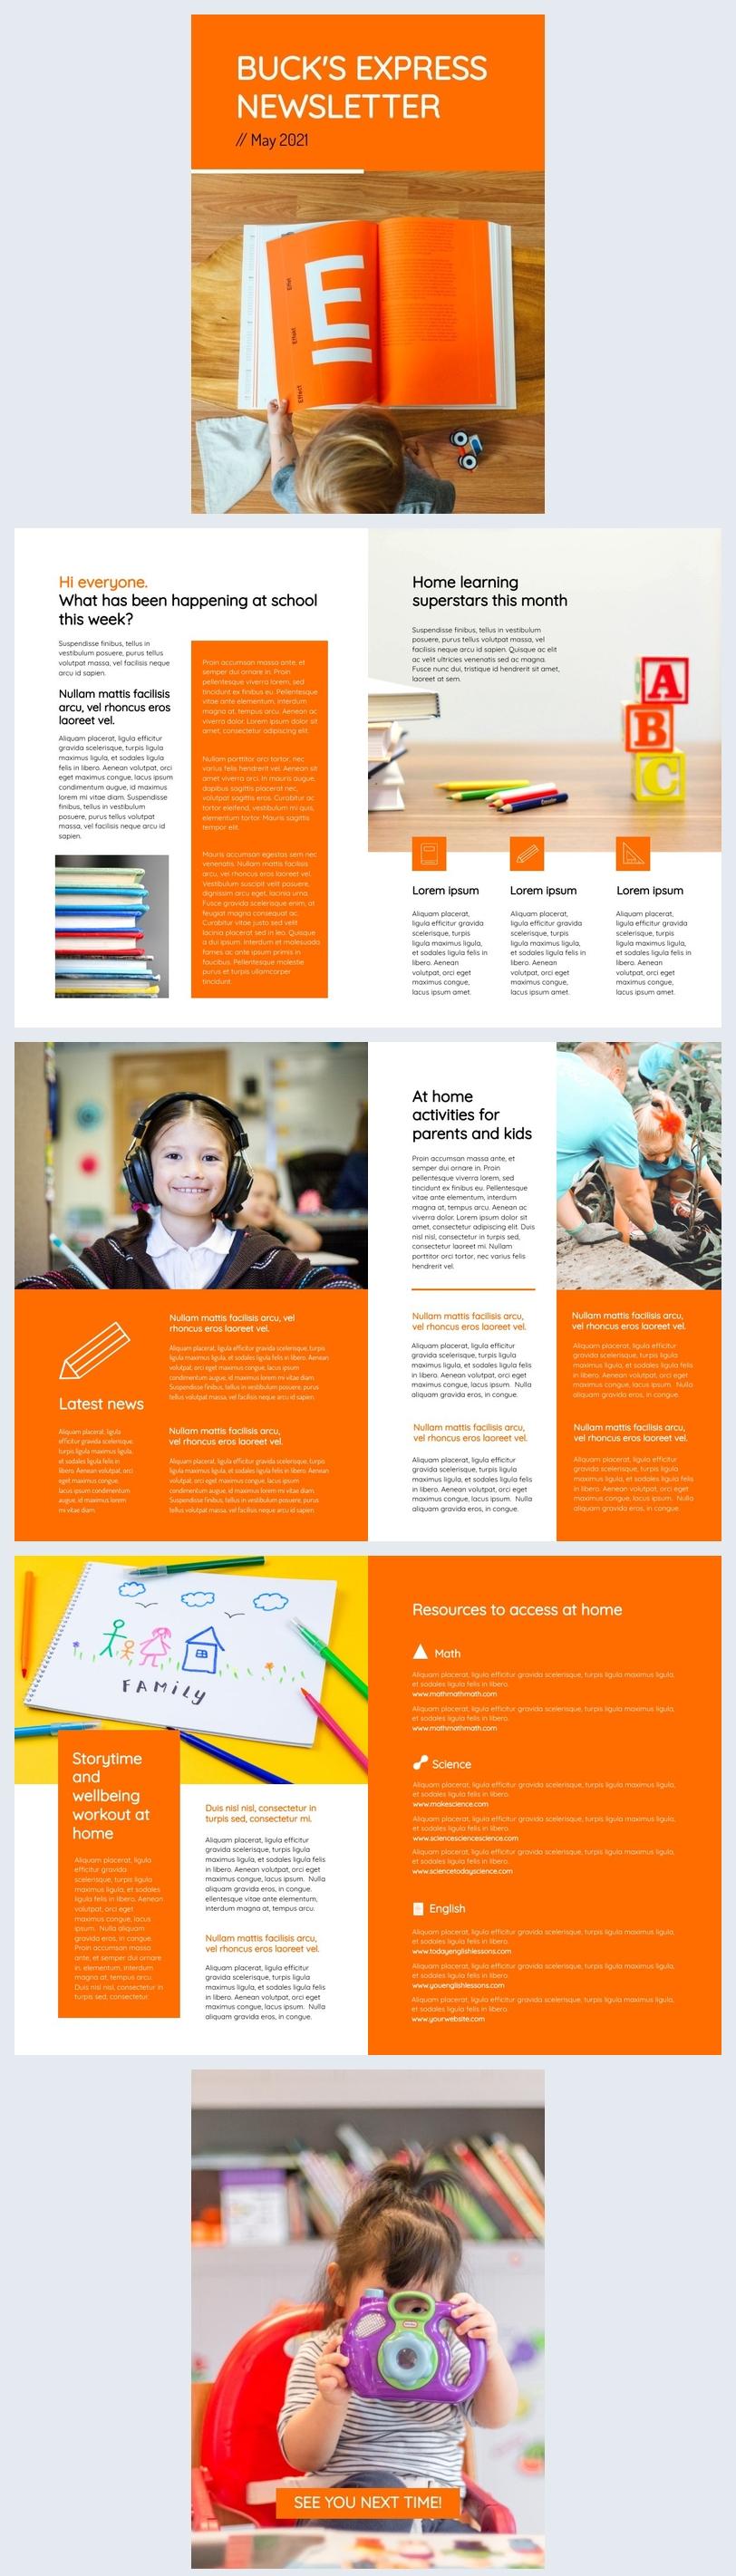 Grundschul-Newsletter-Idee an Eltern